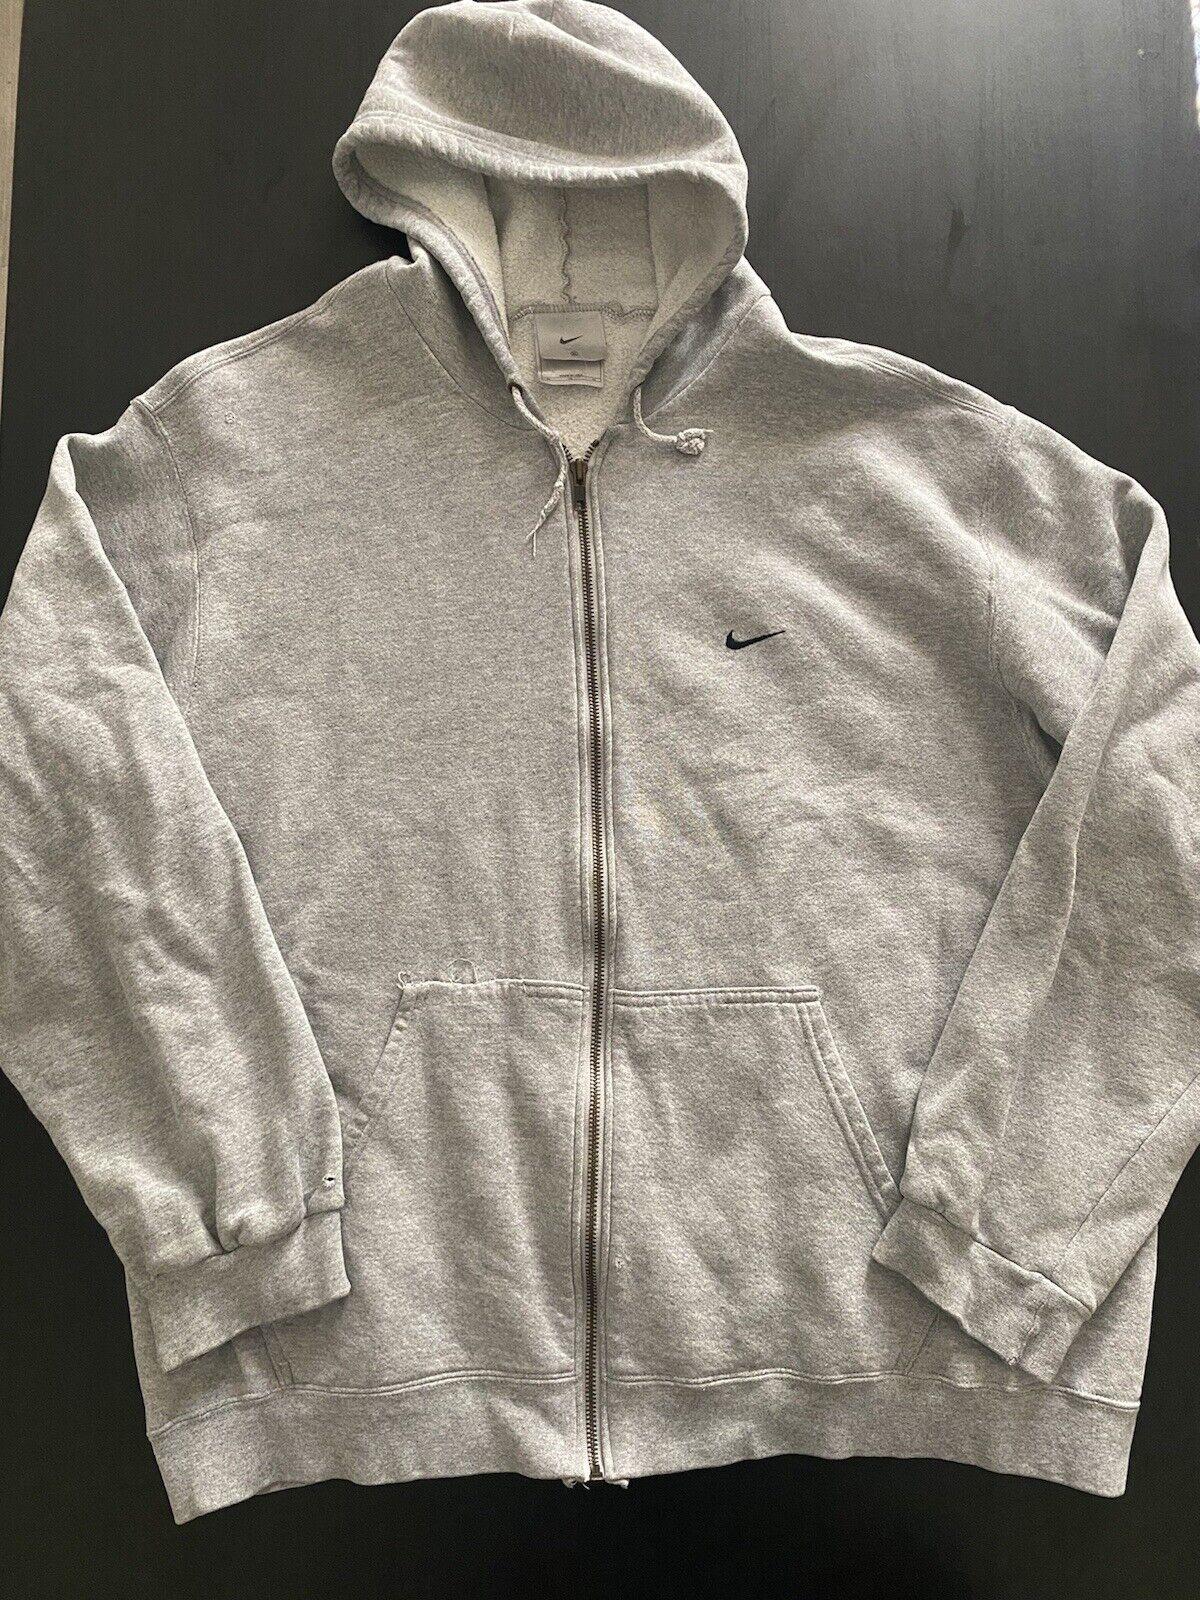 Vintage Nike Mini Swoosh Zip Up Hoodie 90s Silver… - image 1